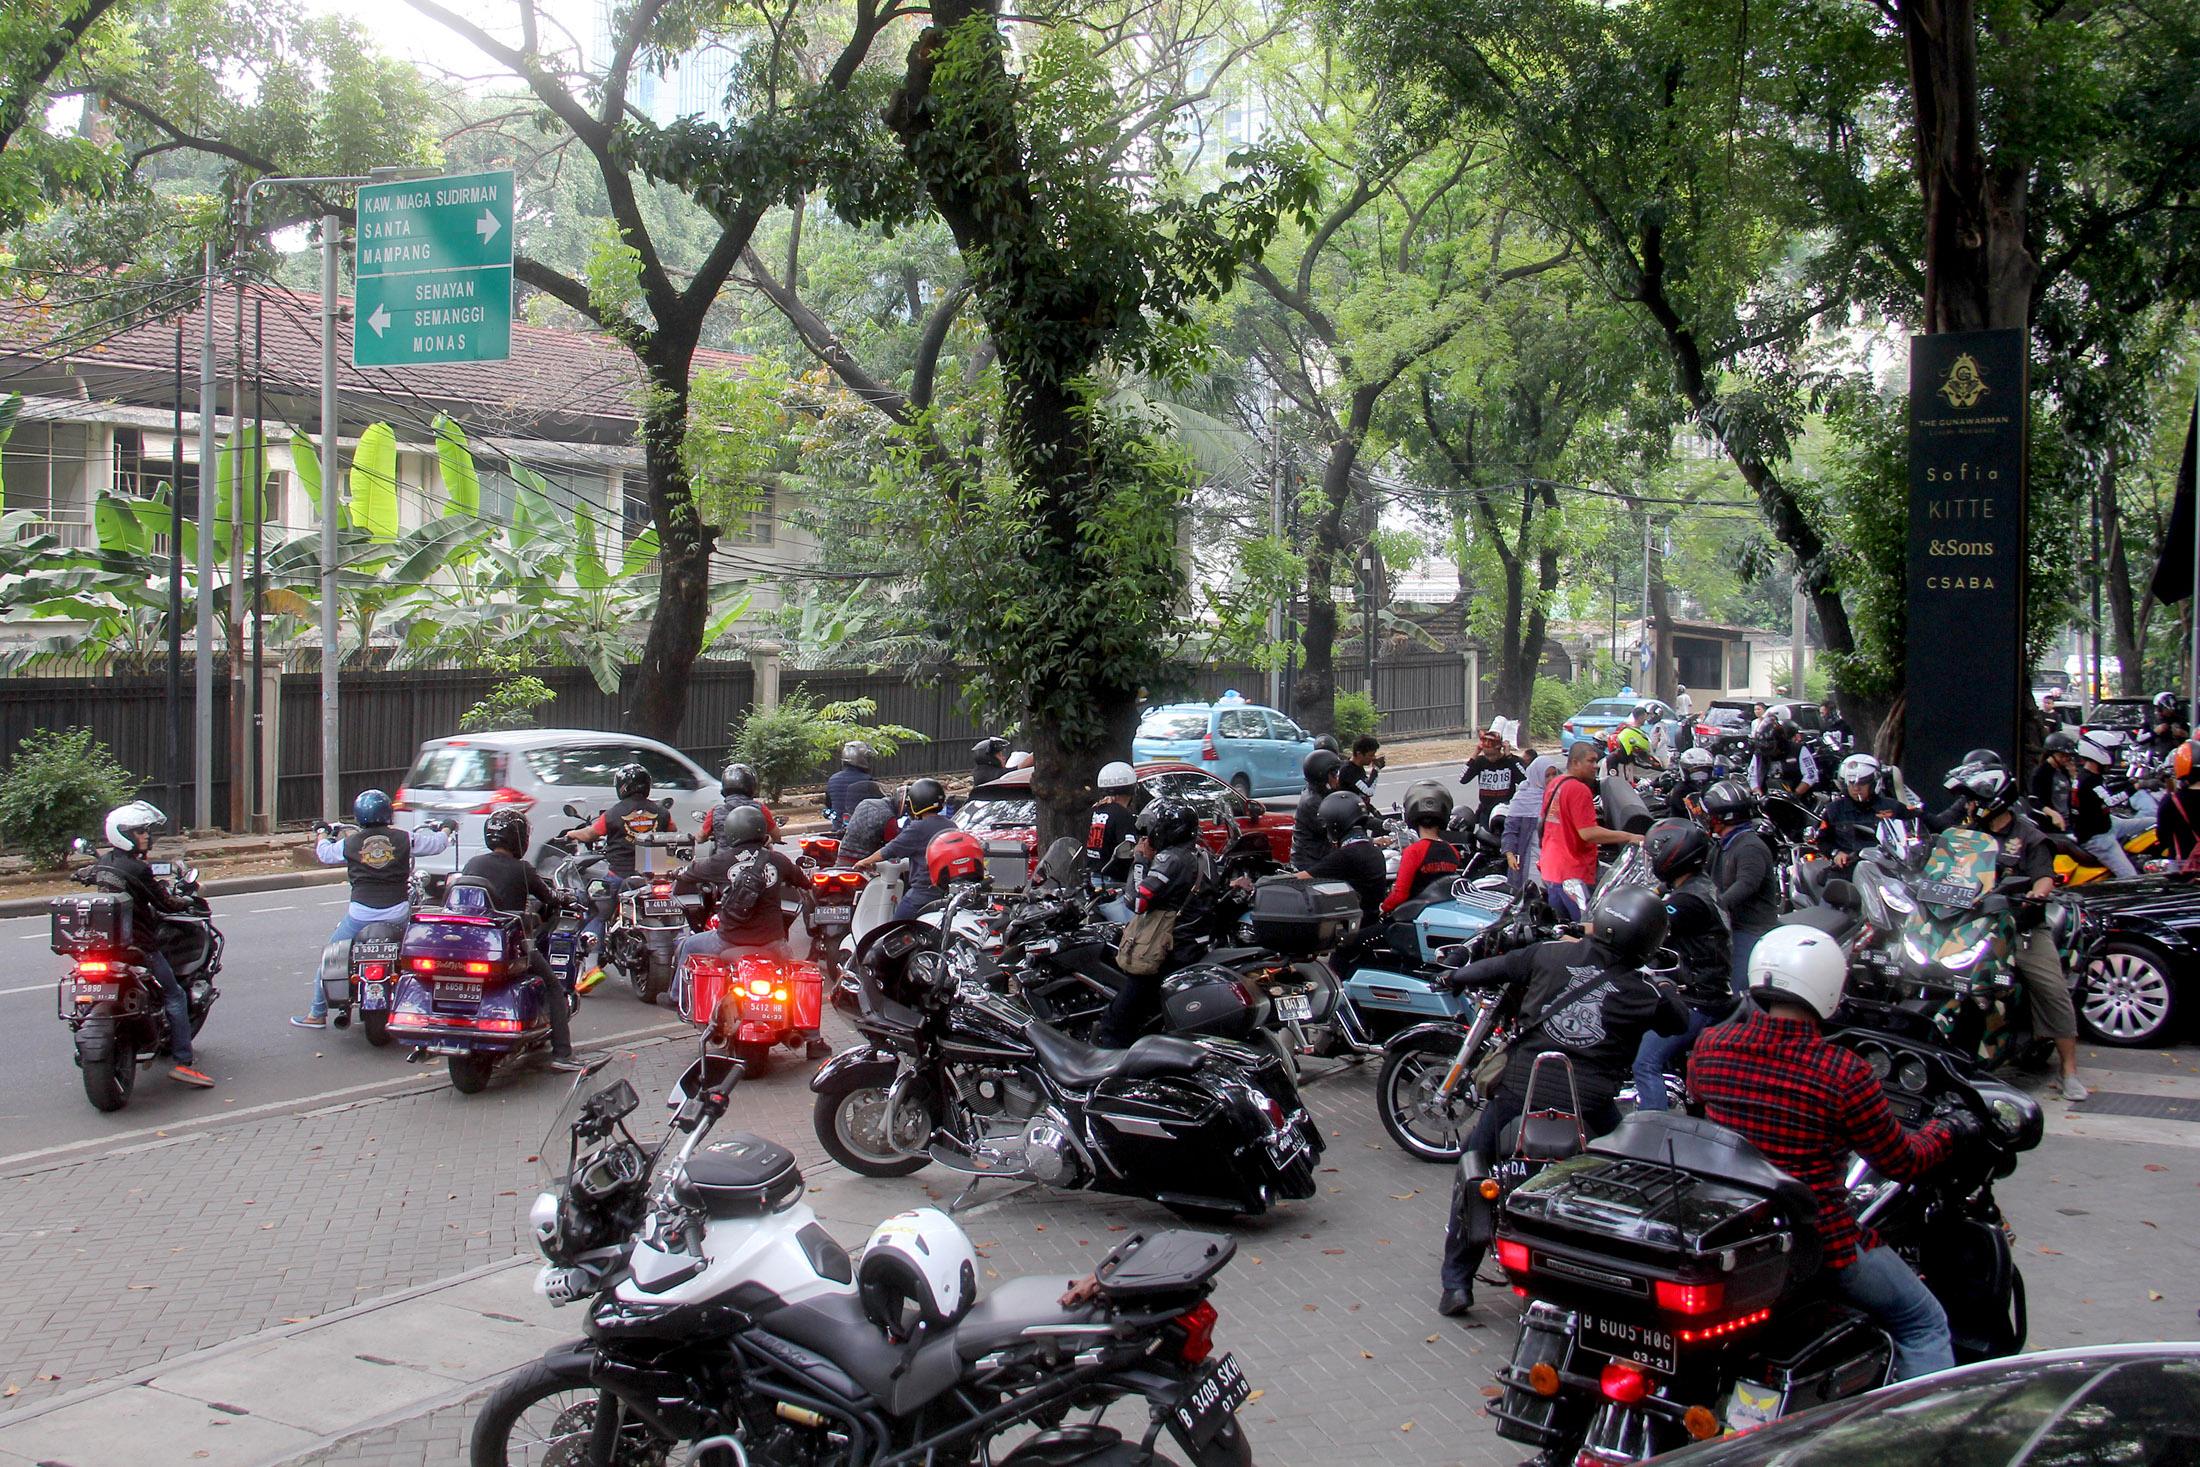 Persaudaraan Biker Sepakat Dirikan Motor Besar Indonesia